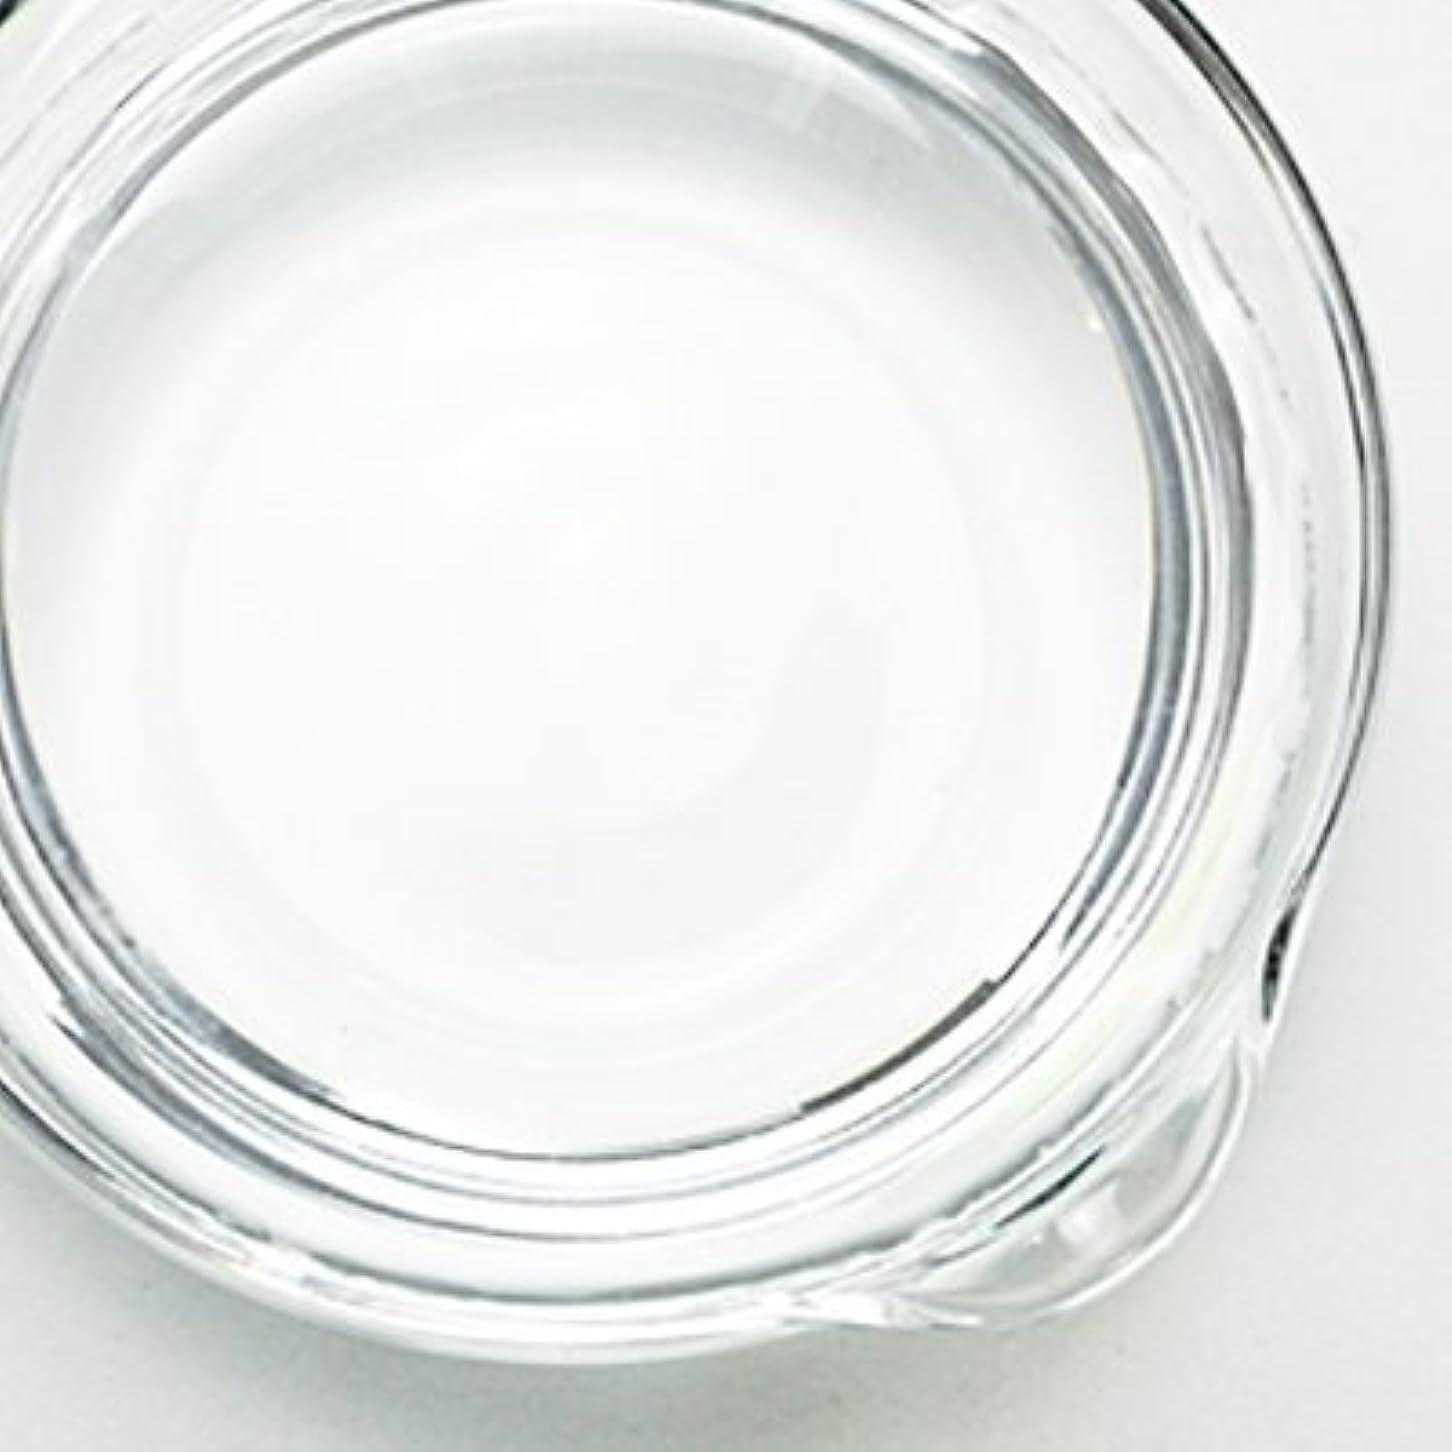 国民投票チャペル偽1,3-ブチレングリコール[BG] 100ml 【手作り石鹸/手作りコスメ】